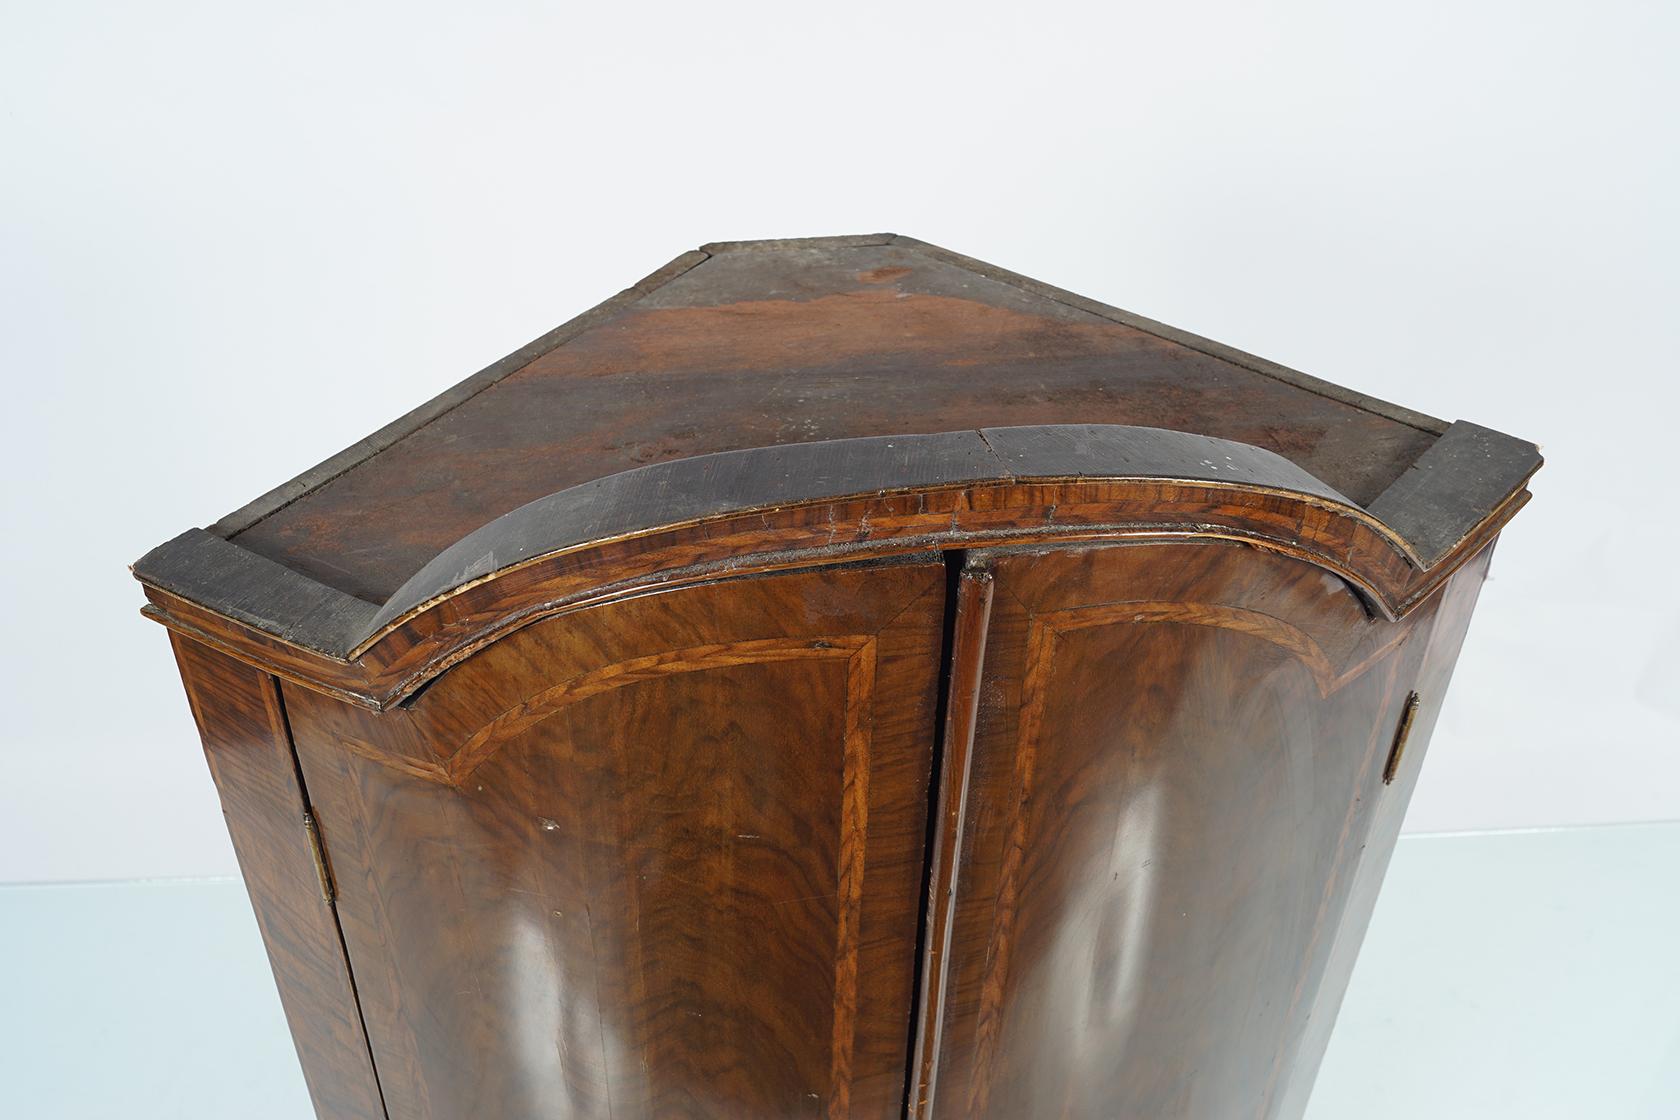 18TH-CENTURY WALNUT AND HERRING BONE INLAID HANGING CORNER CABINET - Image 2 of 2